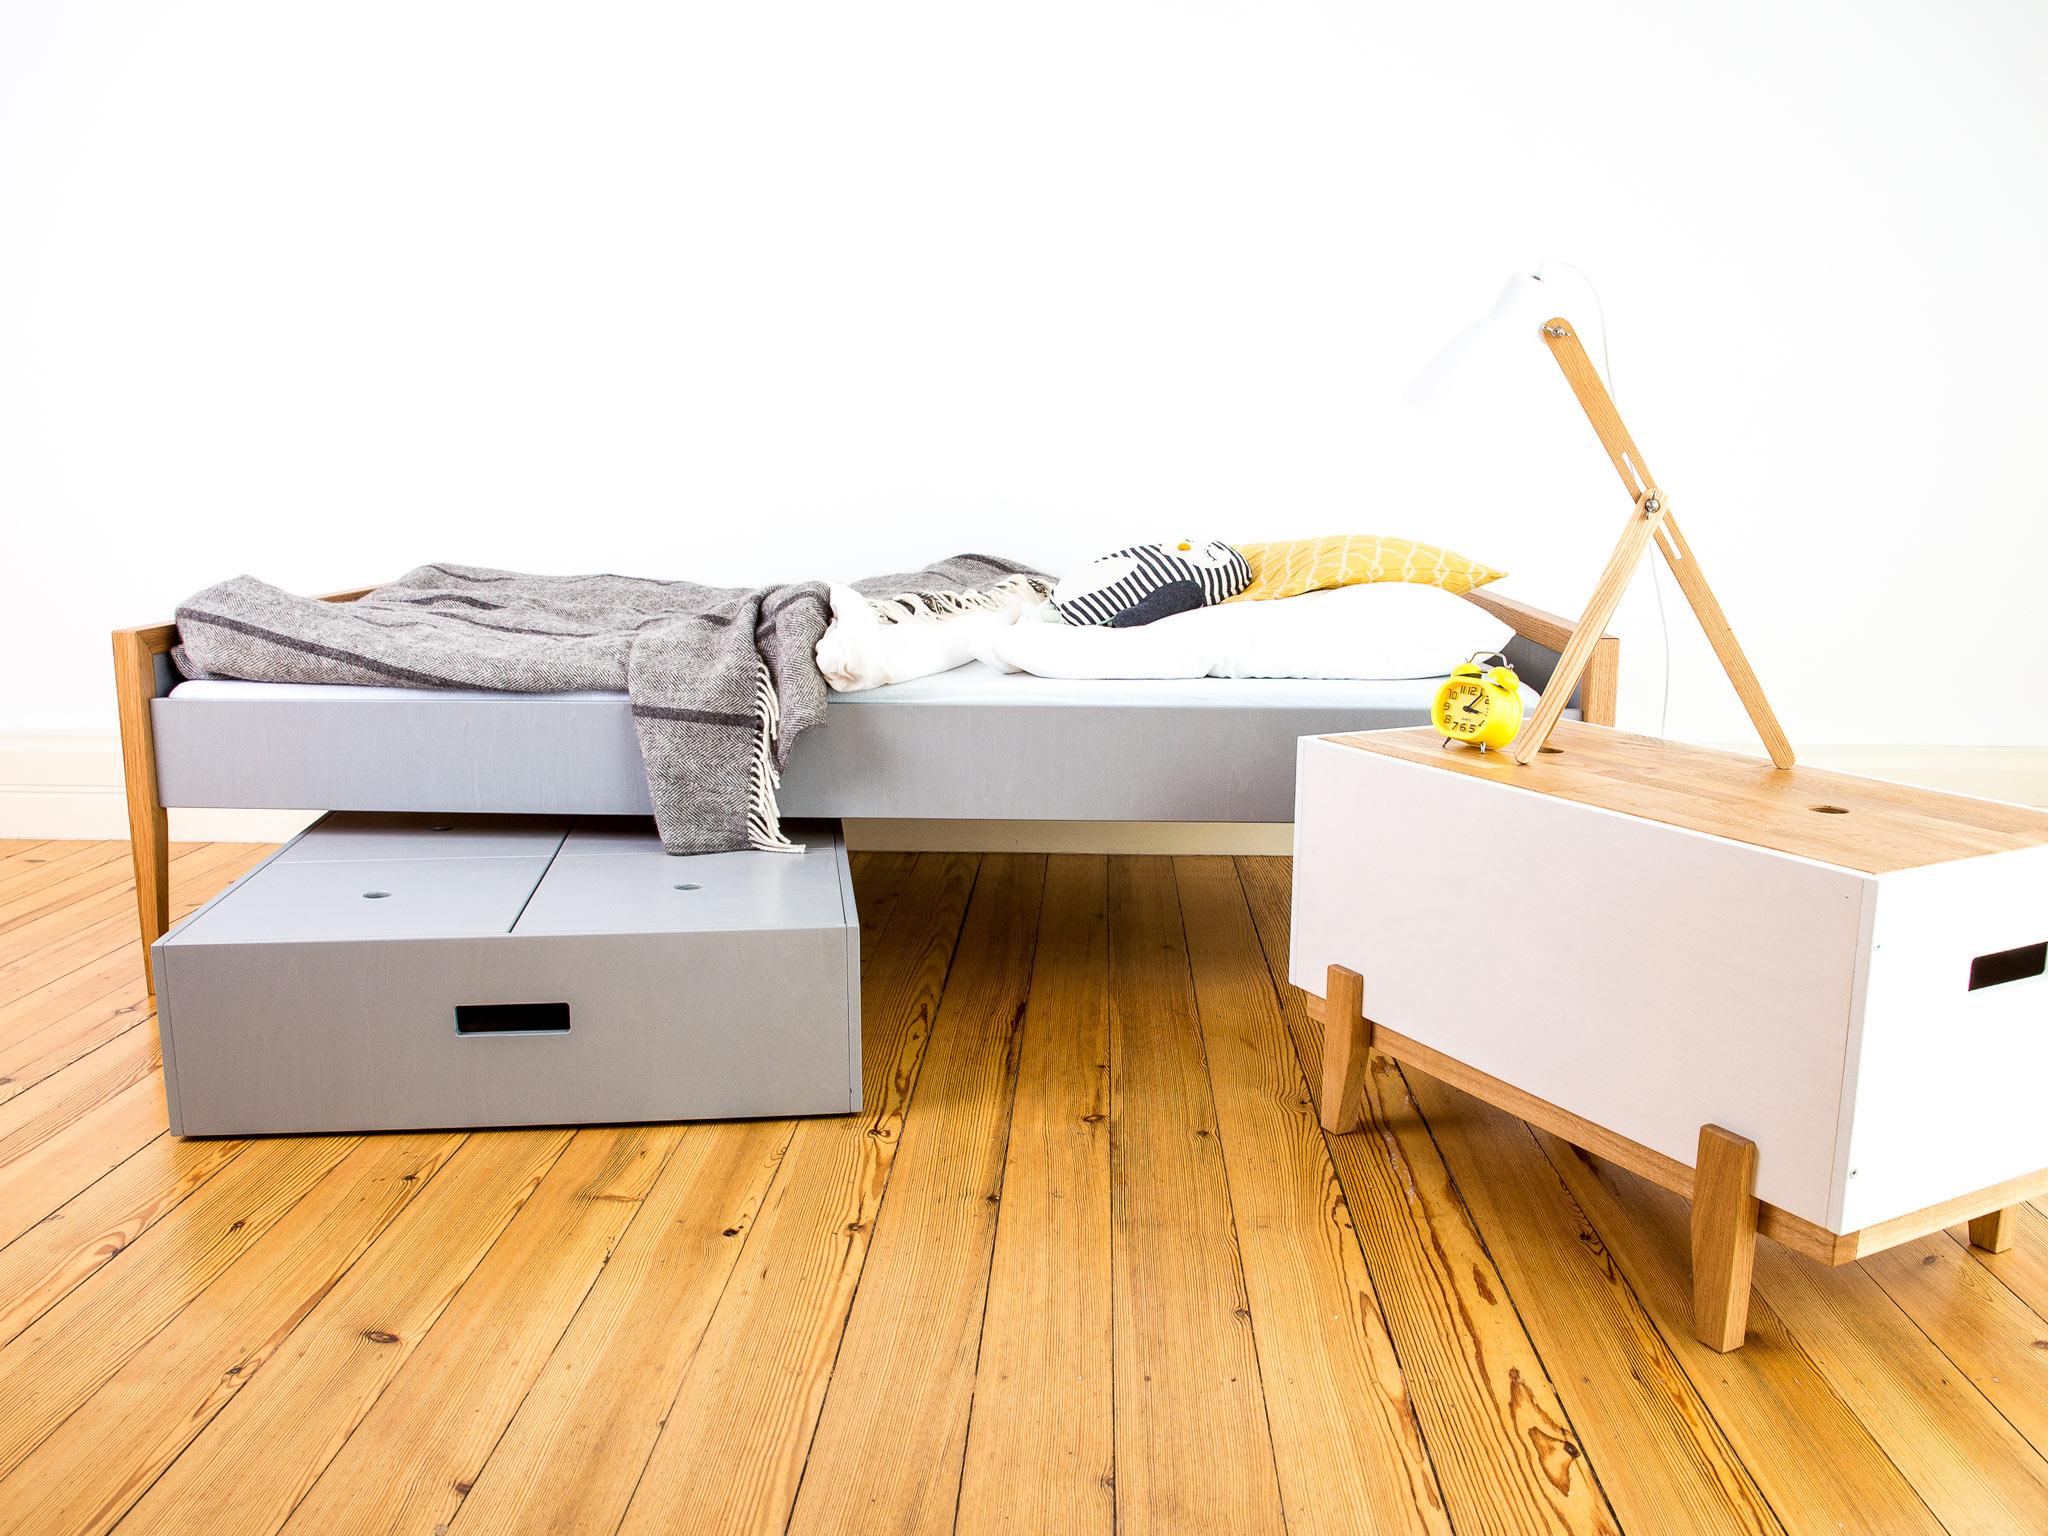 Full Size of Nachttisch Kinderzimmer Kiste Anuschka Lutki Kinderwelten Regal Sofa Weiß Regale Kinderzimmer Nachttisch Kinderzimmer